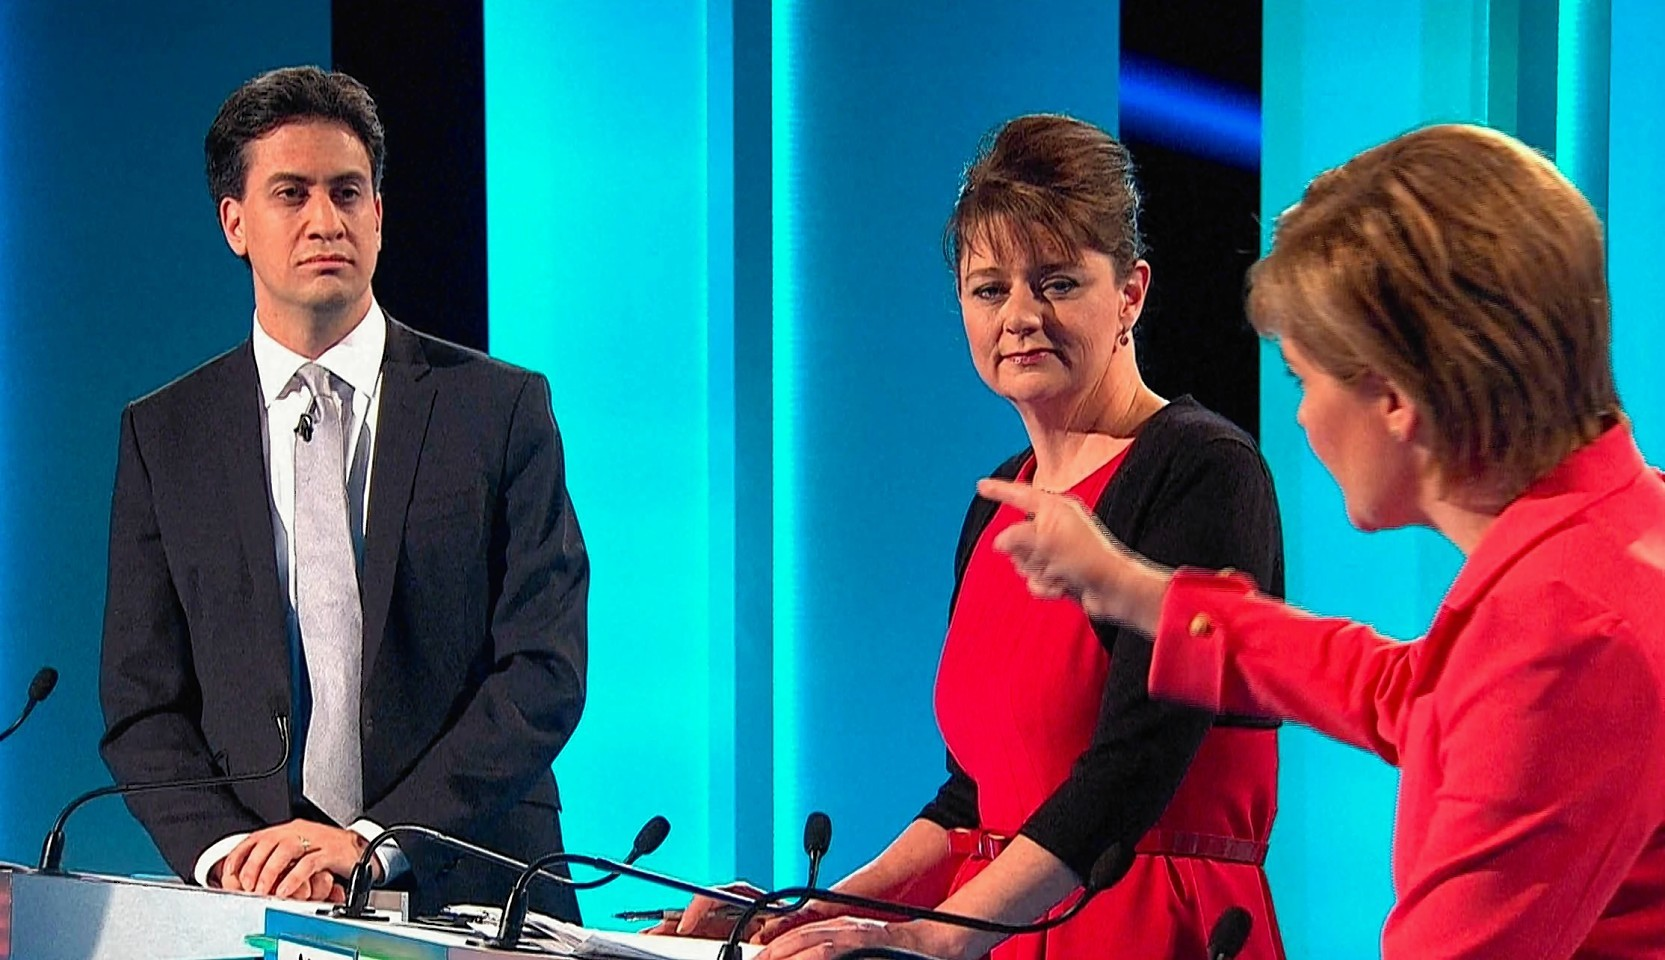 Election 2015: TV election debate